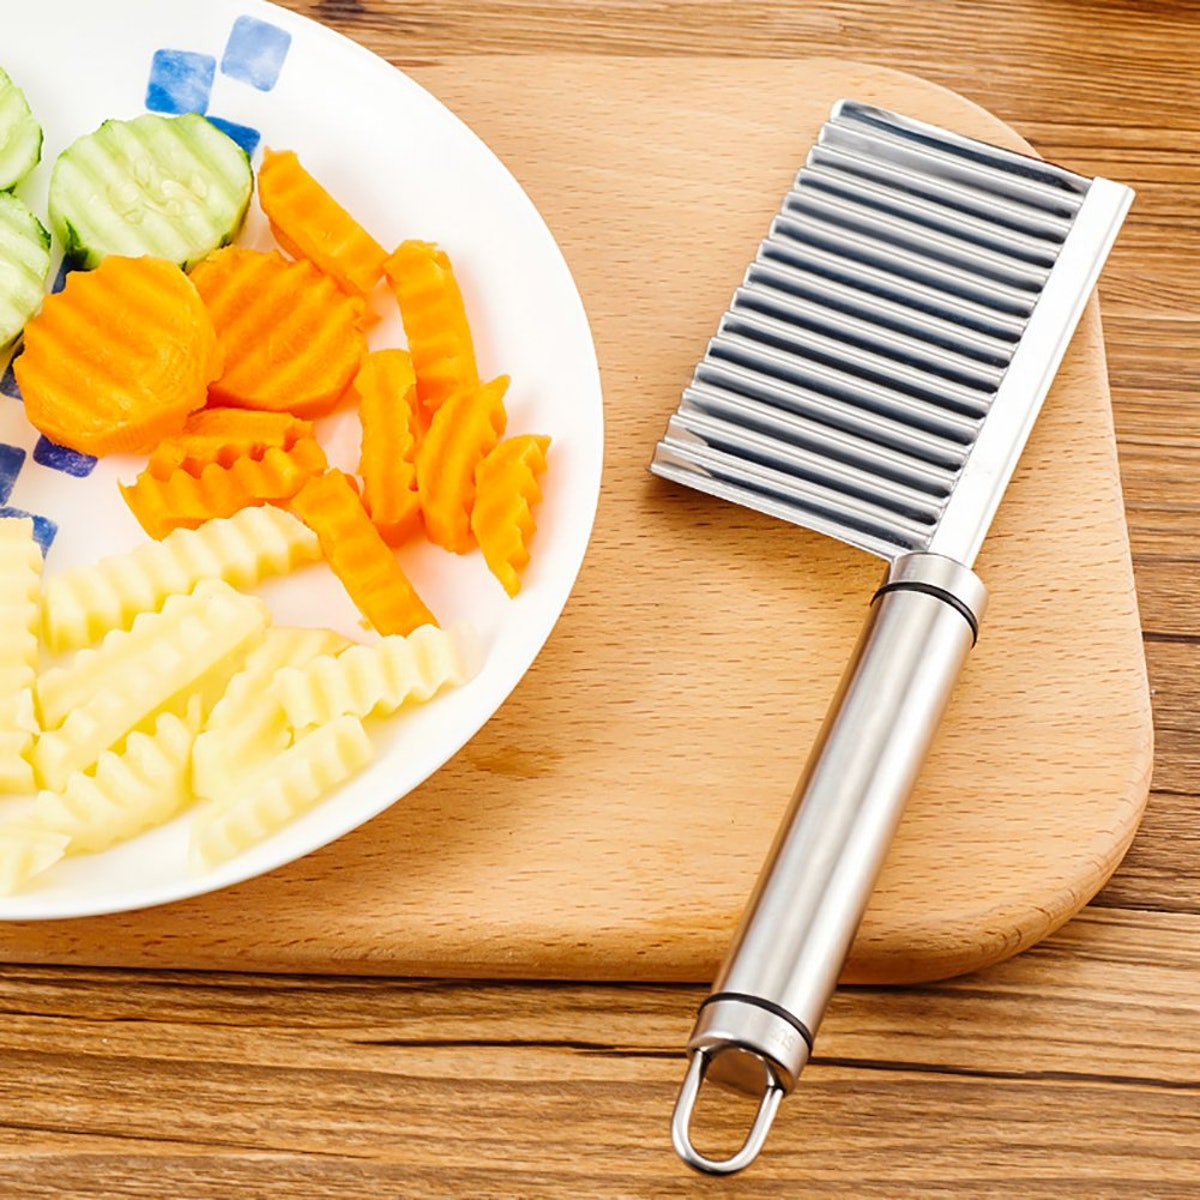 Abtong Crinkle Cutter Slicer